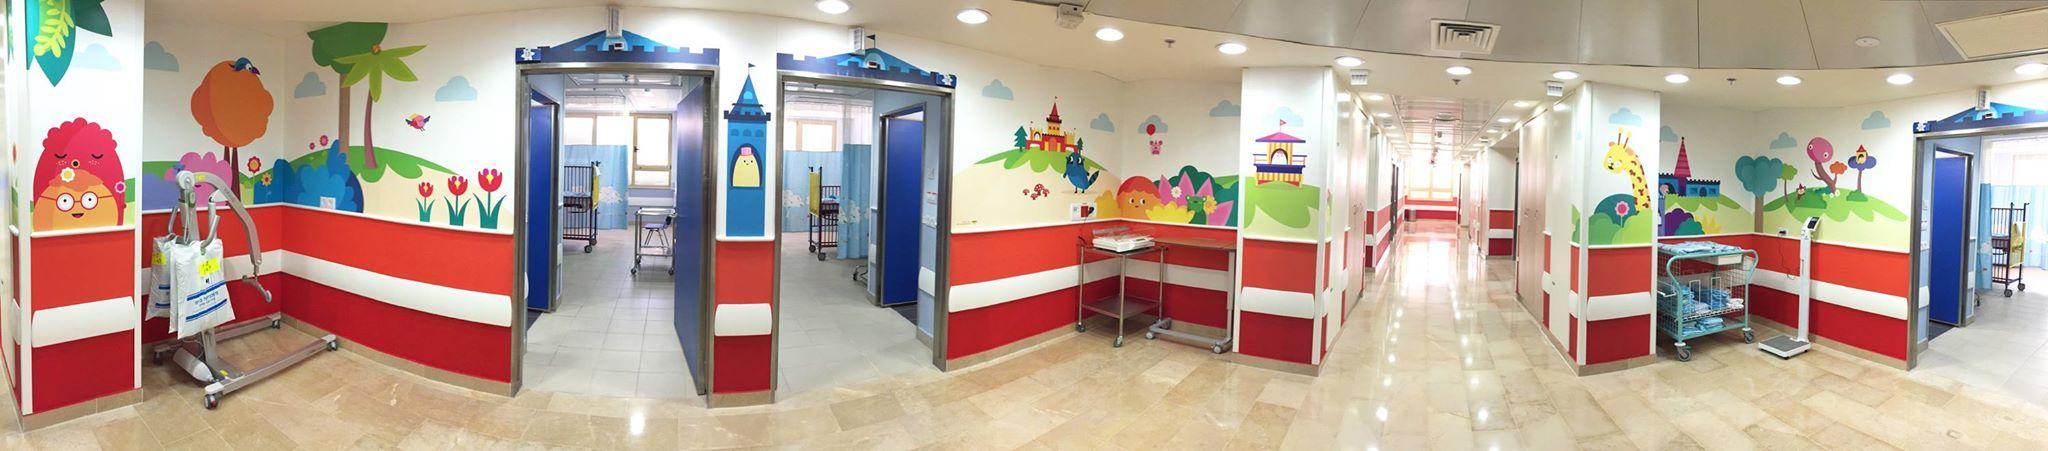 בית חולים לילדים